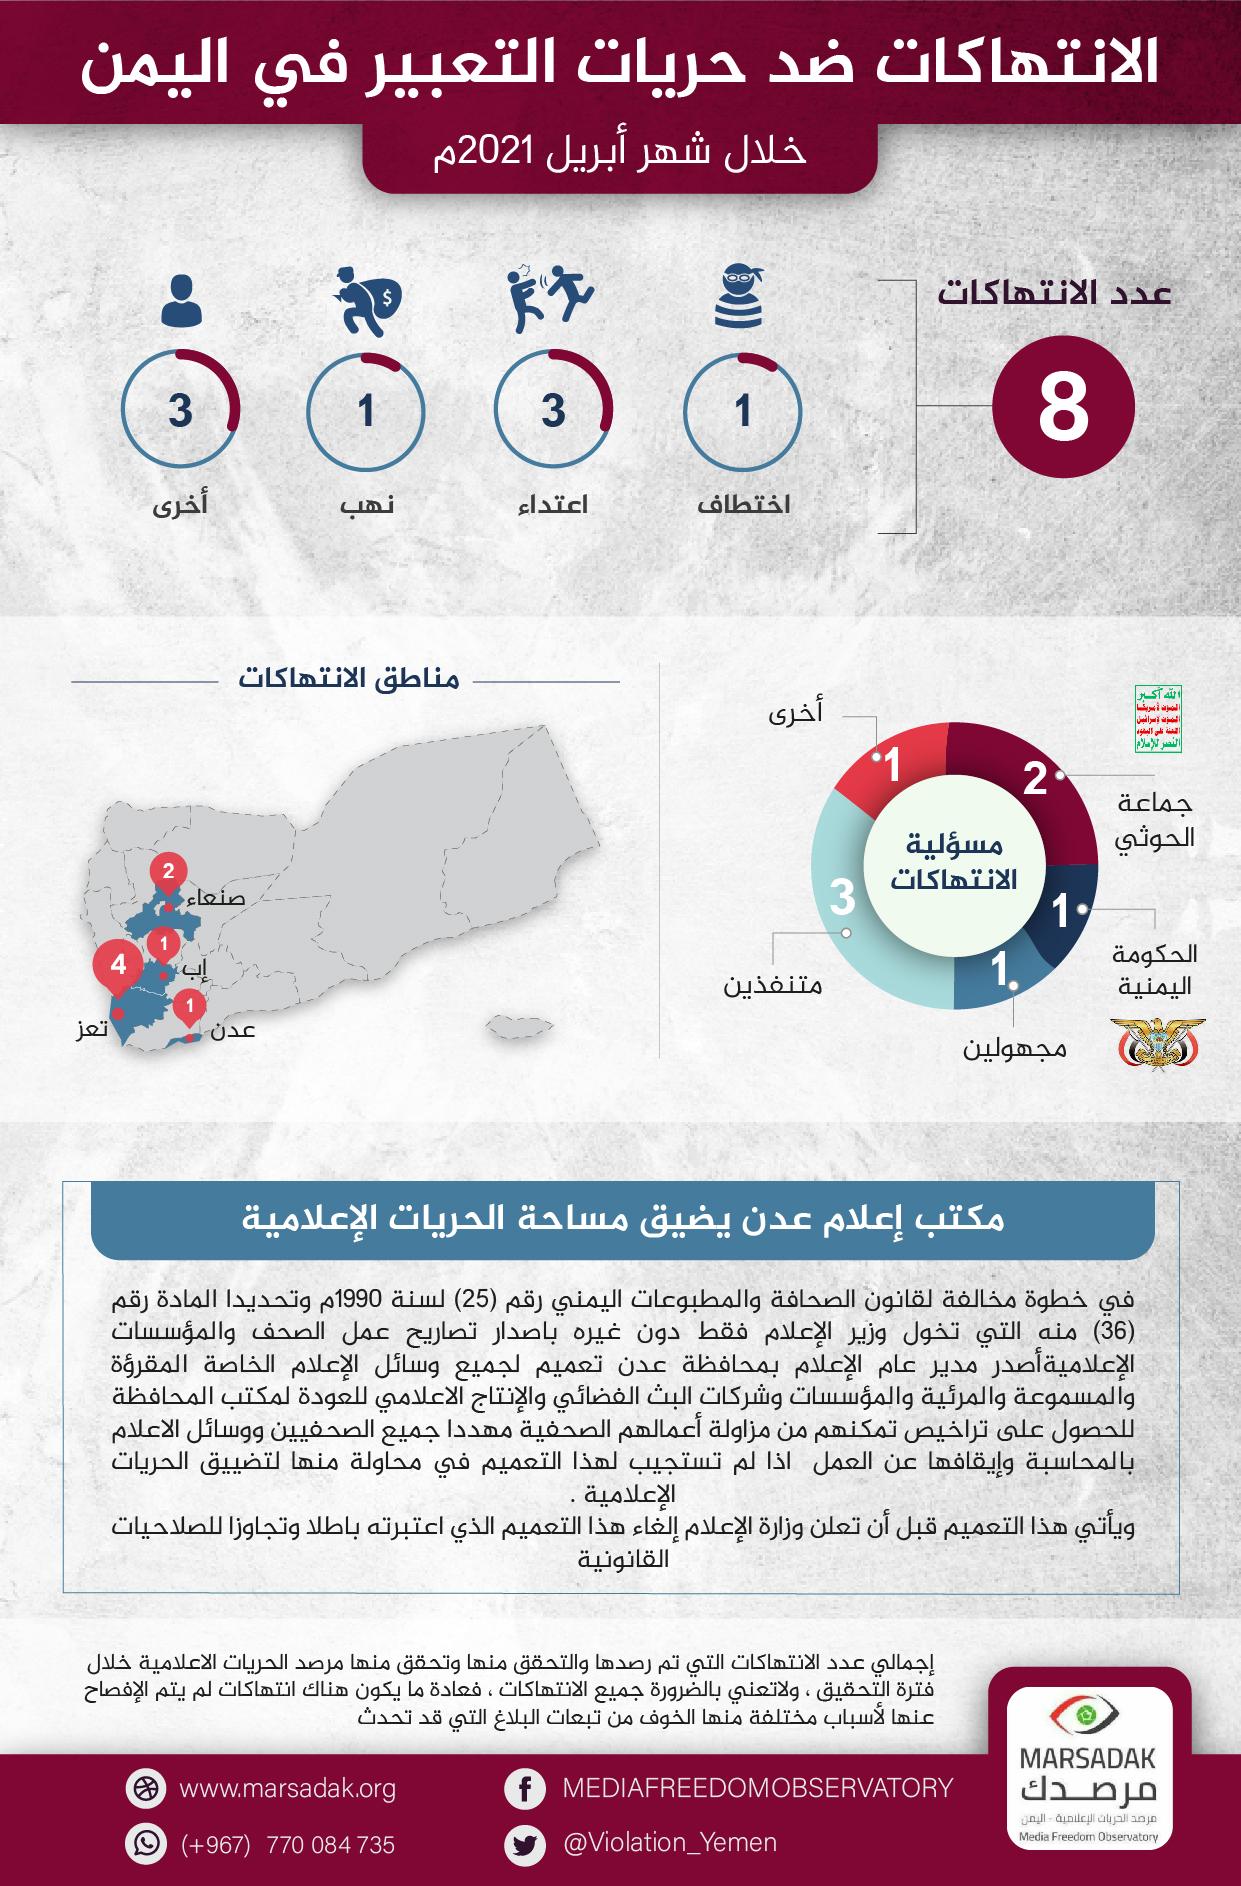 تقرير لمرصد الحريات الإعلامية: 8 حالات انتهاك ضد الحريات الإعلامية خلال شهر ابريل 2021م